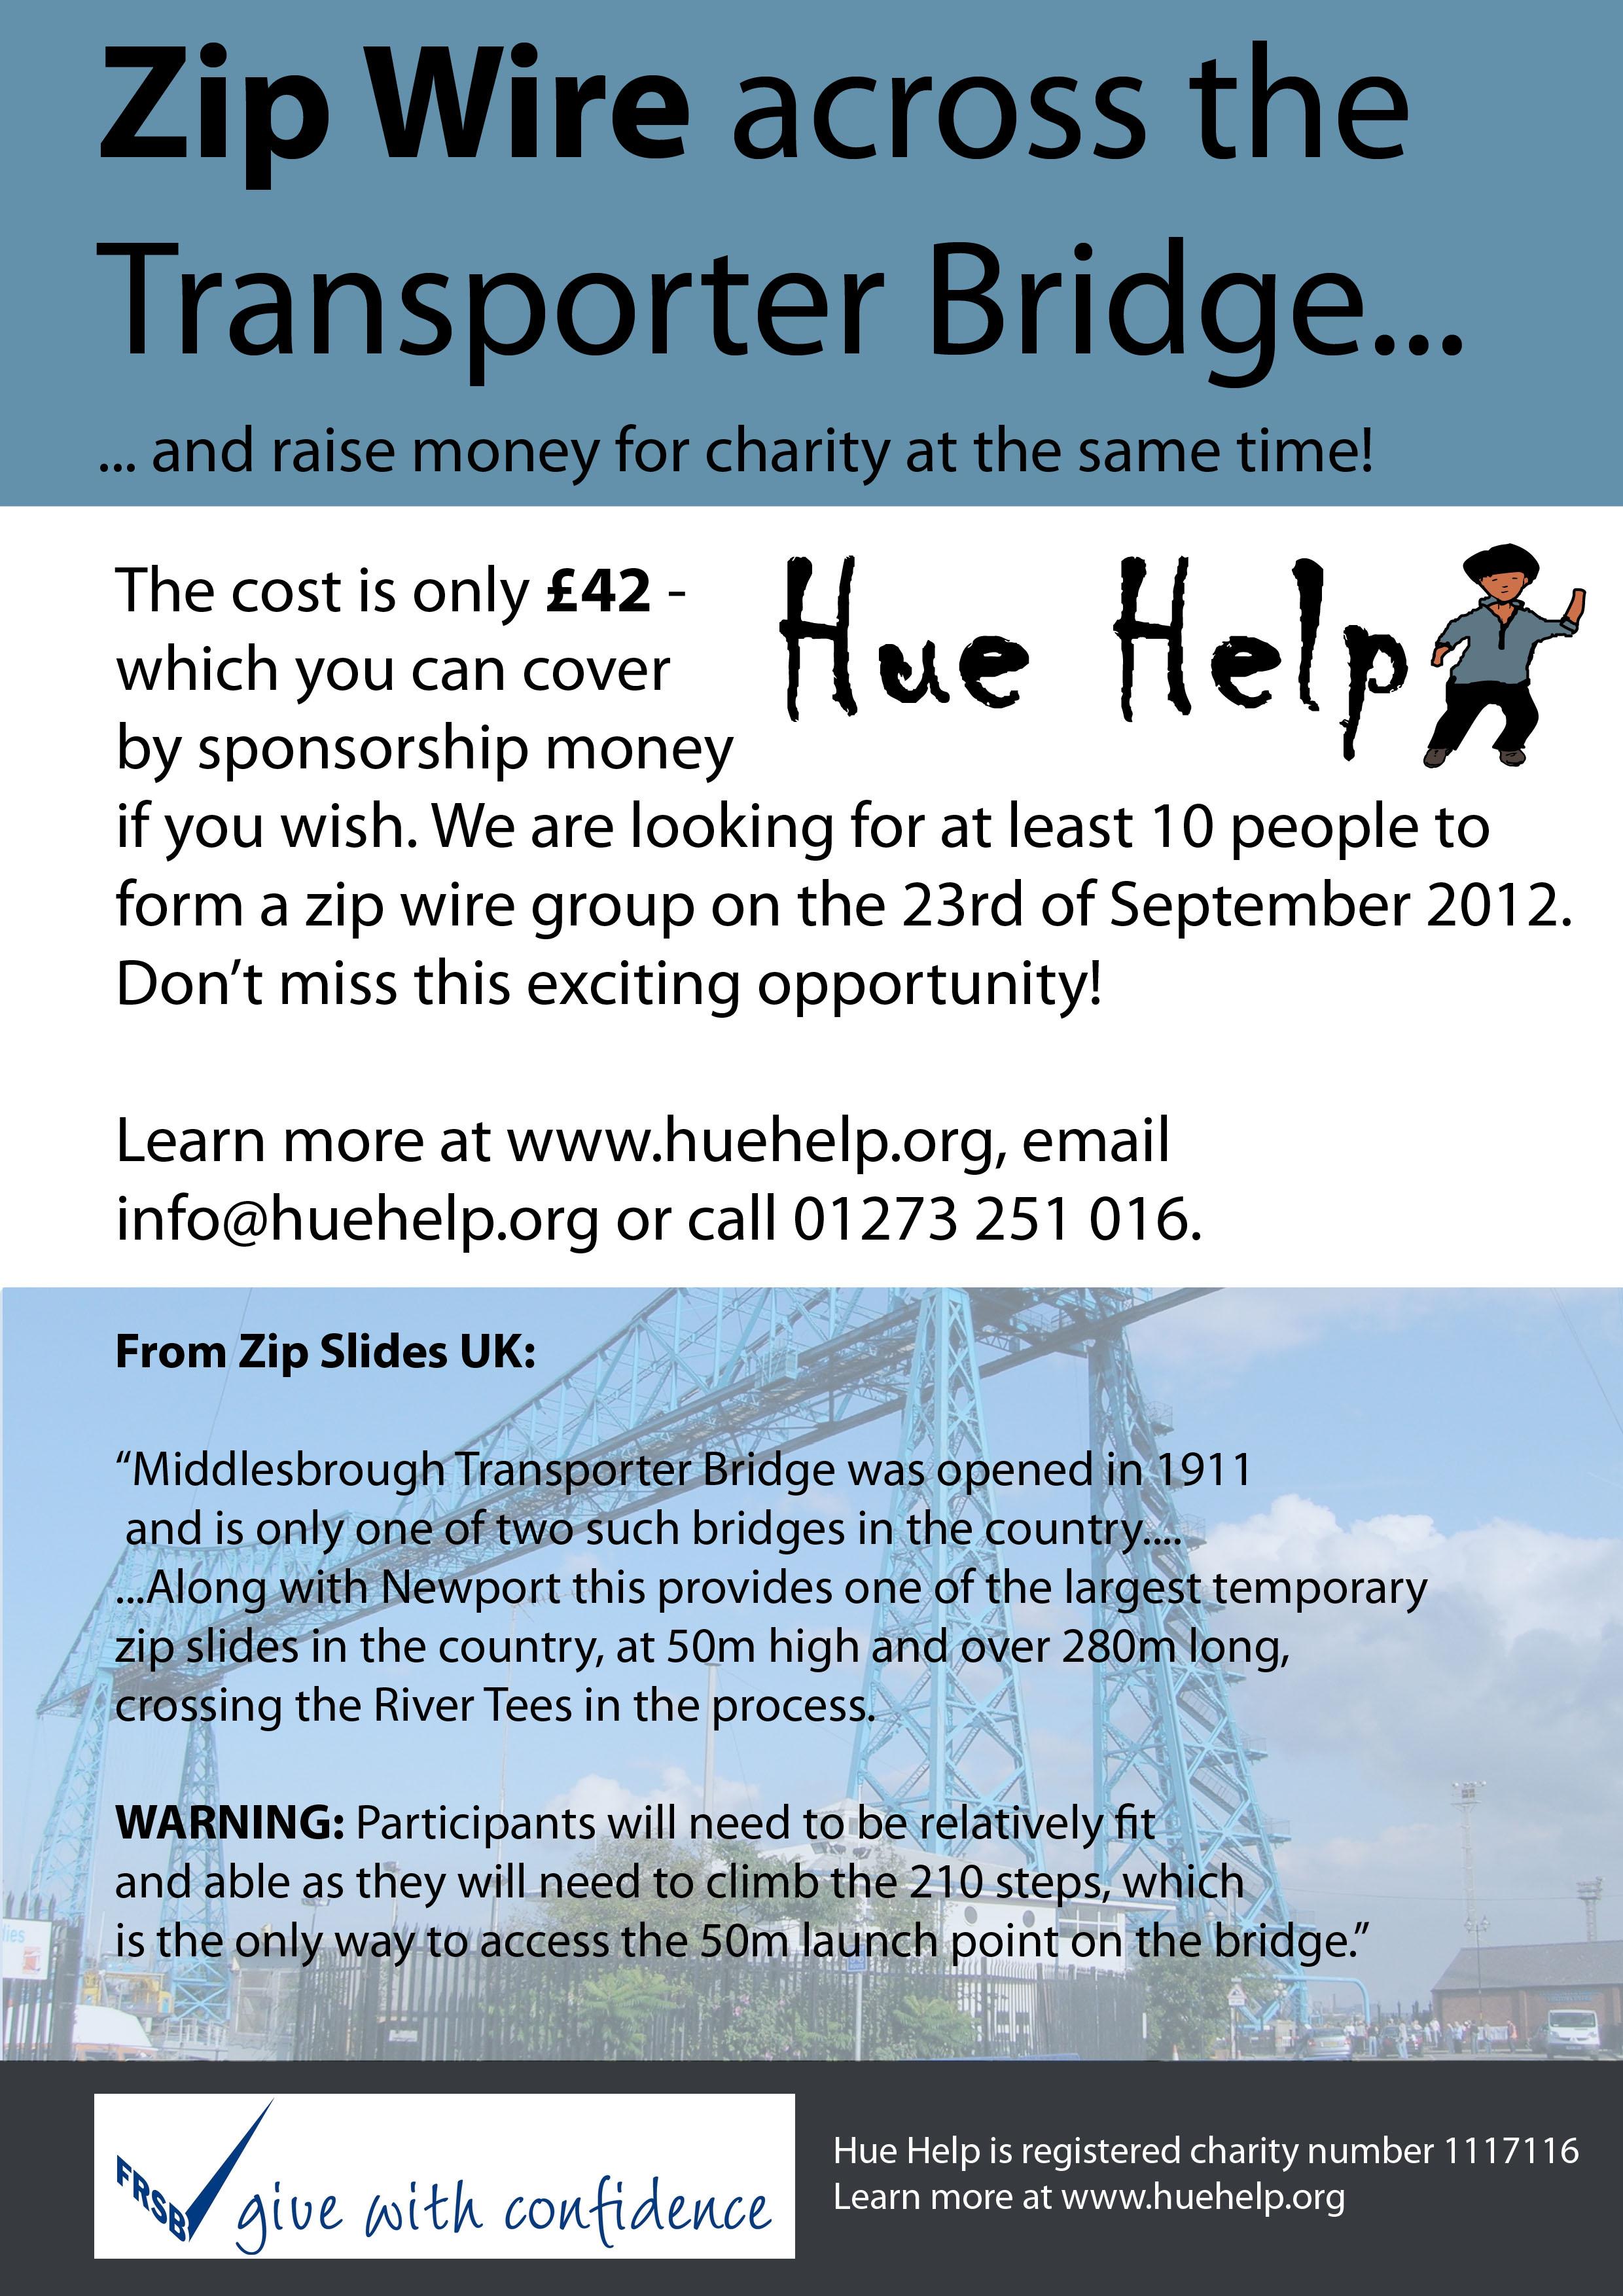 Zip Wire Poster - Hue Help